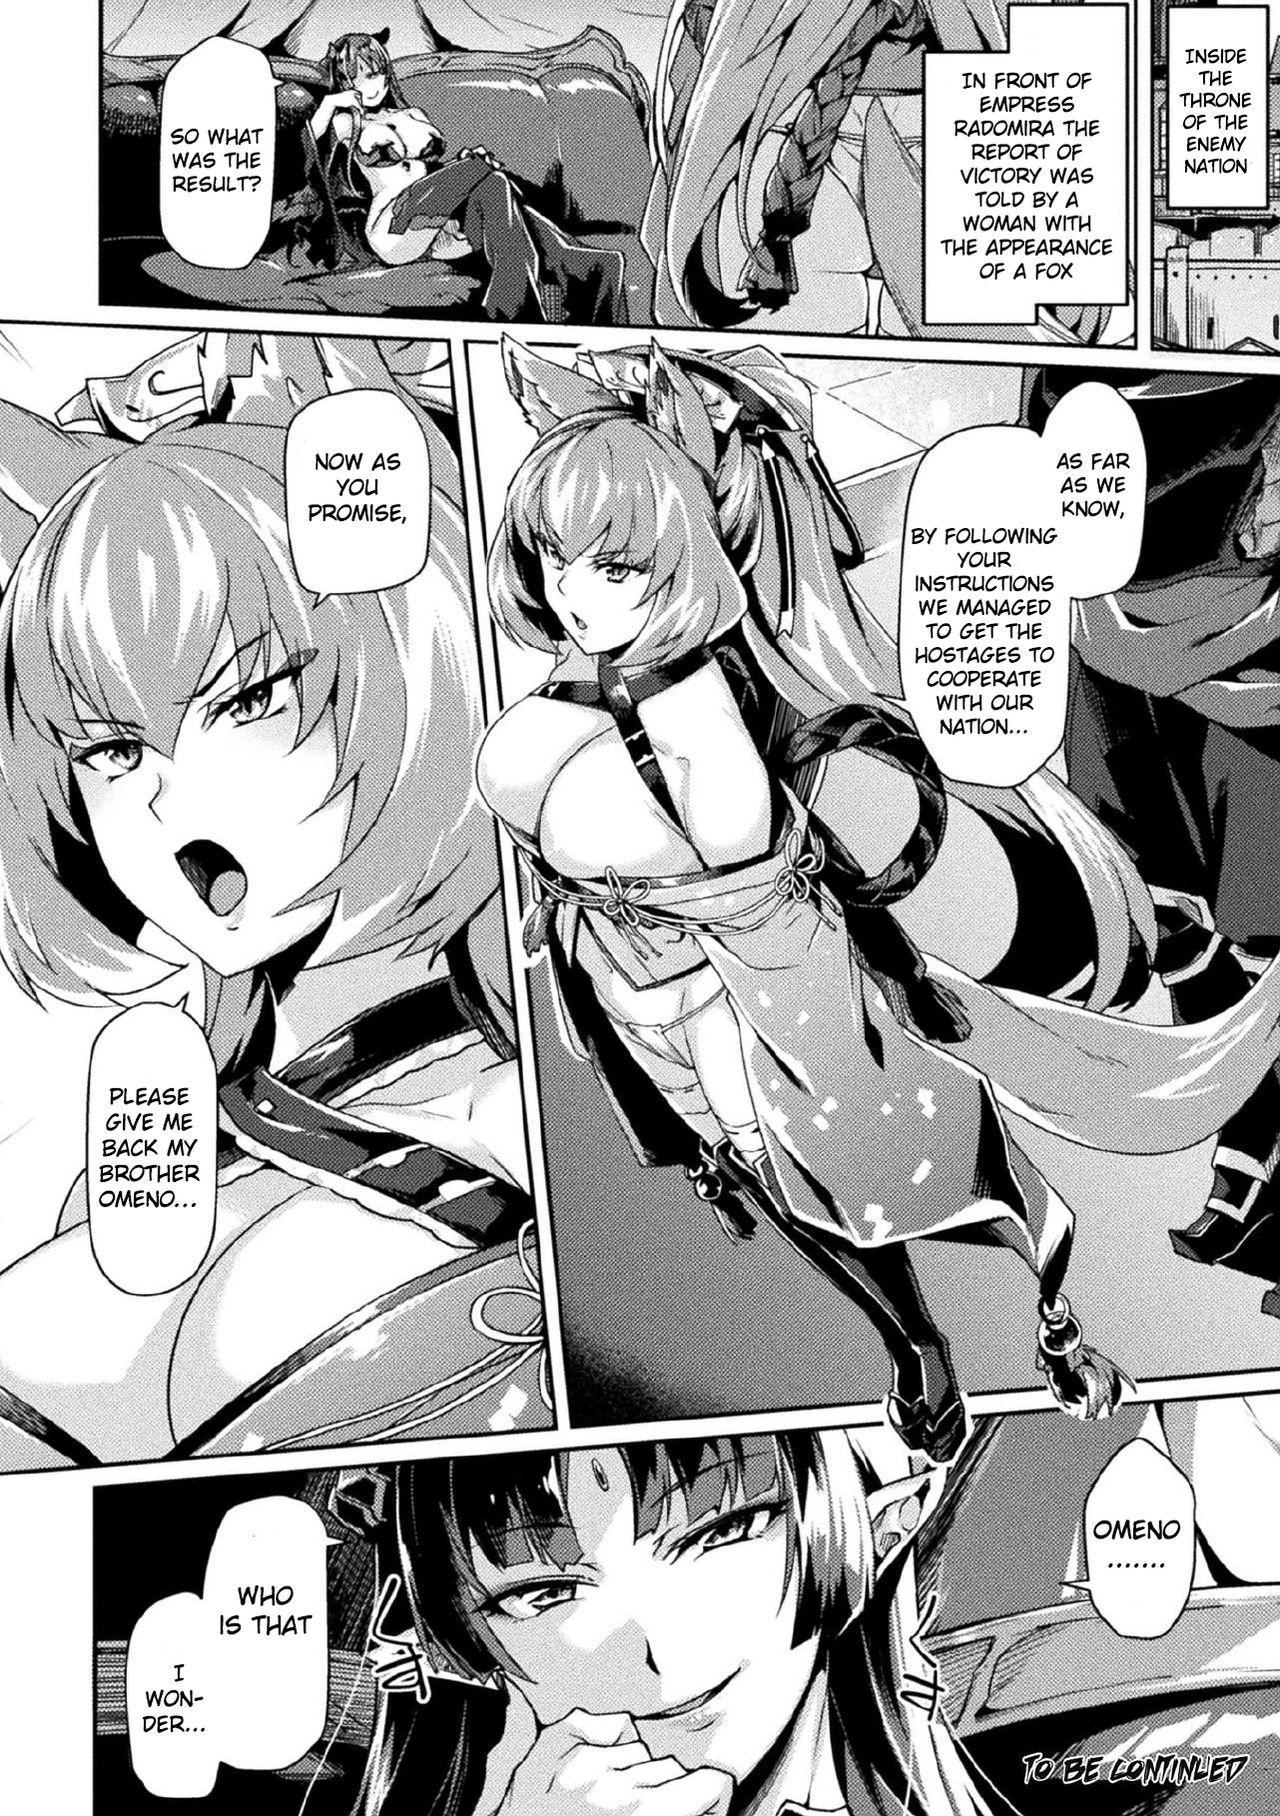 [Tsukitokage] Kuroinu II ~Inyoku ni Somaru Haitoku no Miyako, Futatabi~ THE COMIC Ch. 4 (Kukkoro Heroines Vol. 3) [English] [Raknnkarscans] [Digital] 21